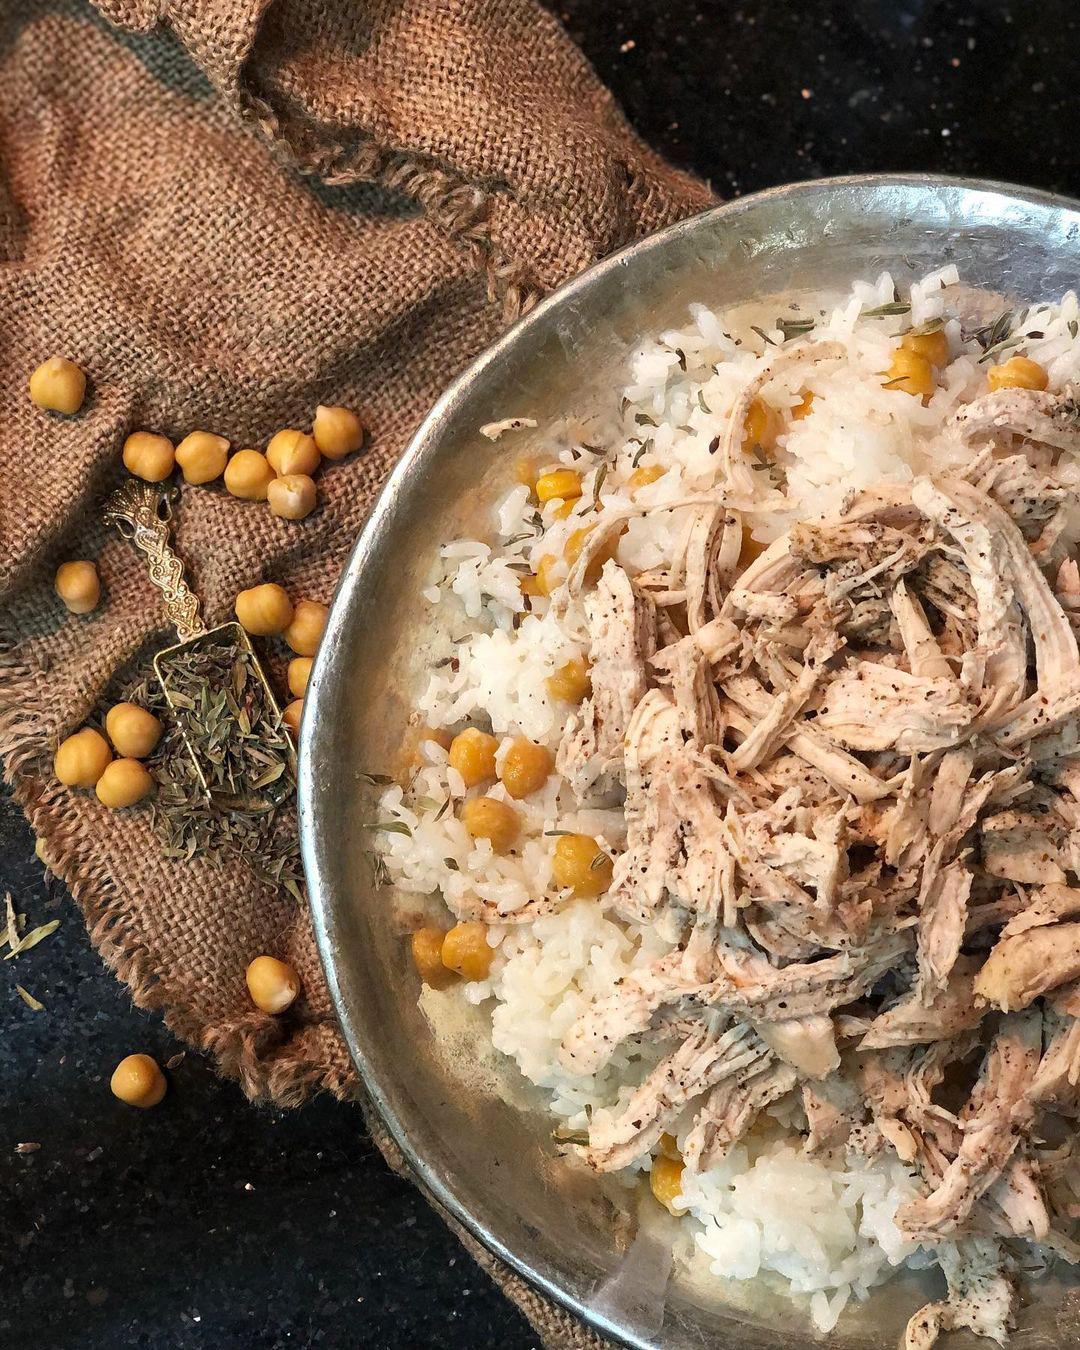 طرز تهیه نخود پلو با مرغ ریش ریش، غذای ترکیه ای خوشمزه و آسان